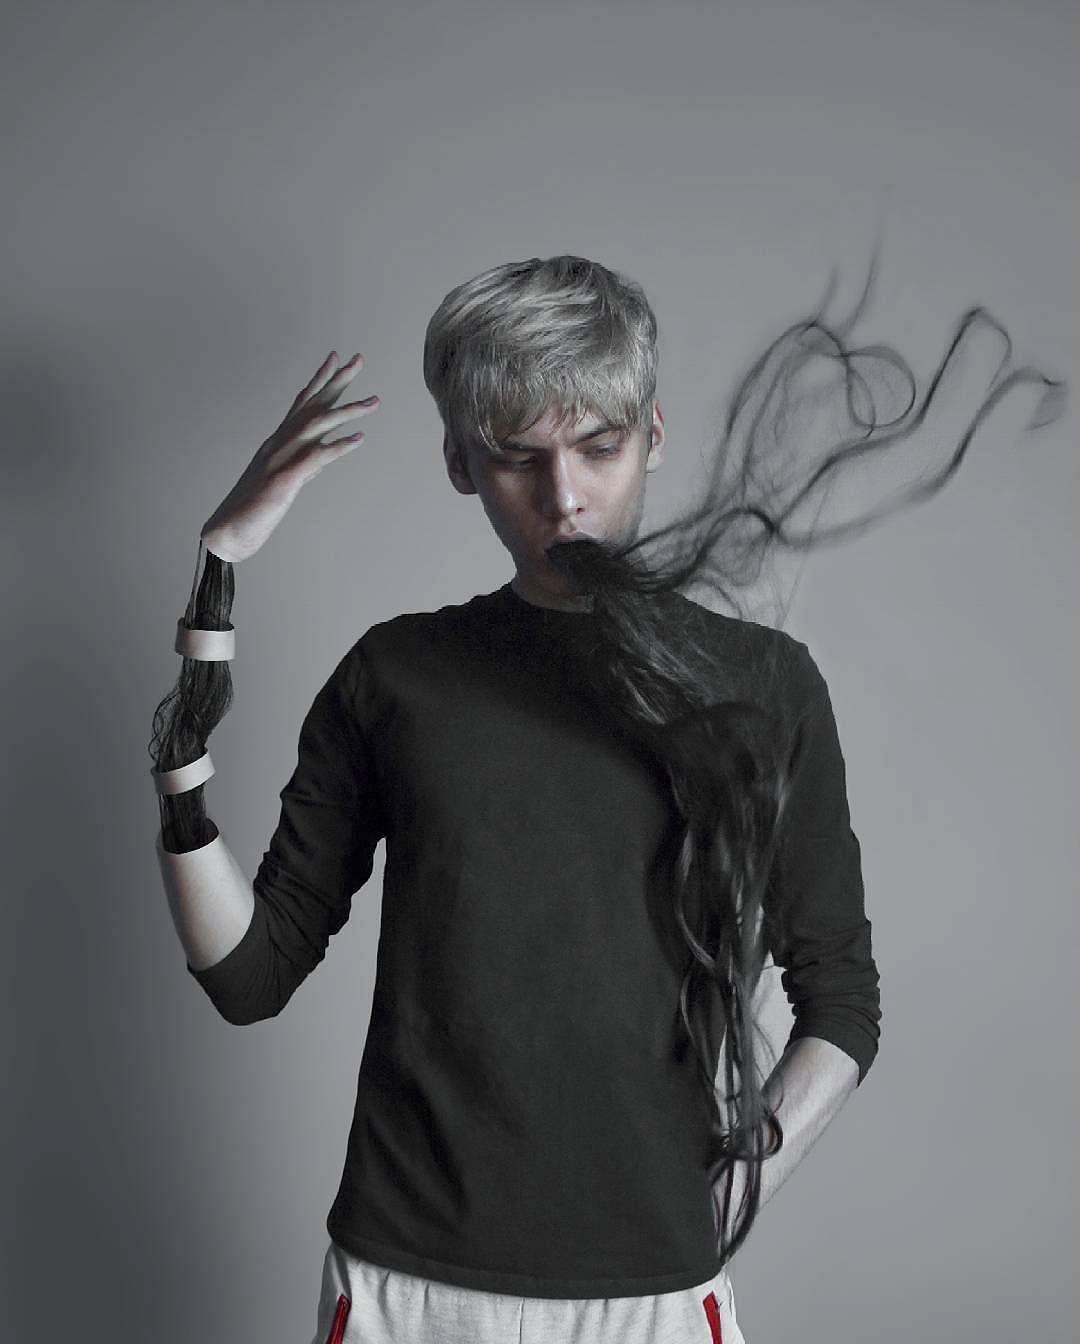 Темный сюрреализм 18-летнего российского художника (30 фото)